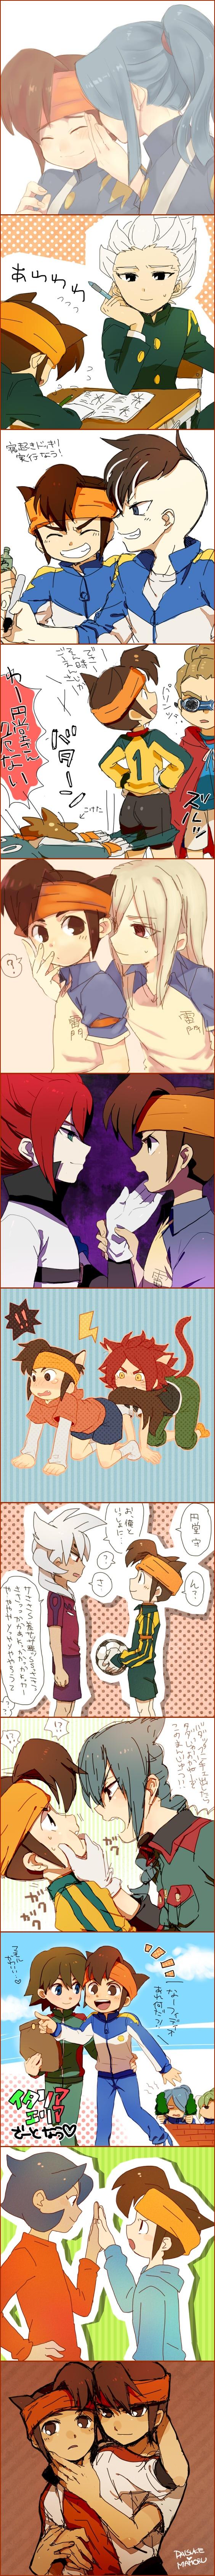 Tags: Anime, Pixiv Id 2511059, Inazuma Eleven, Gouenji Shuuya, Kazemaru Ichirouta, Fudou Akio, Midorikawa Ryuuji, Badarp Slead, Endou Mamoru, Tachimukai Yuuki, Kiyama Hiroto, Mistorene Callus, Nagumo Haruya